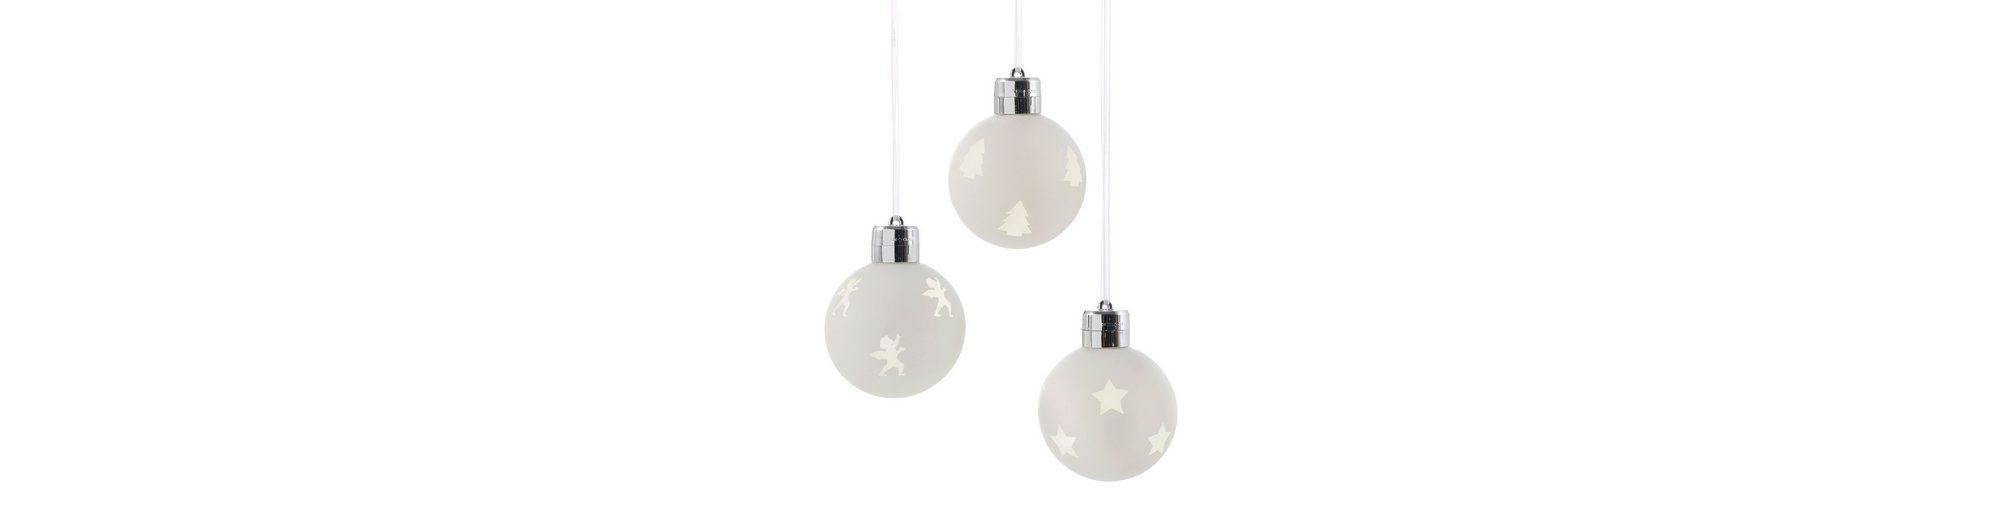 LED-Glaskugel (3tlg.)